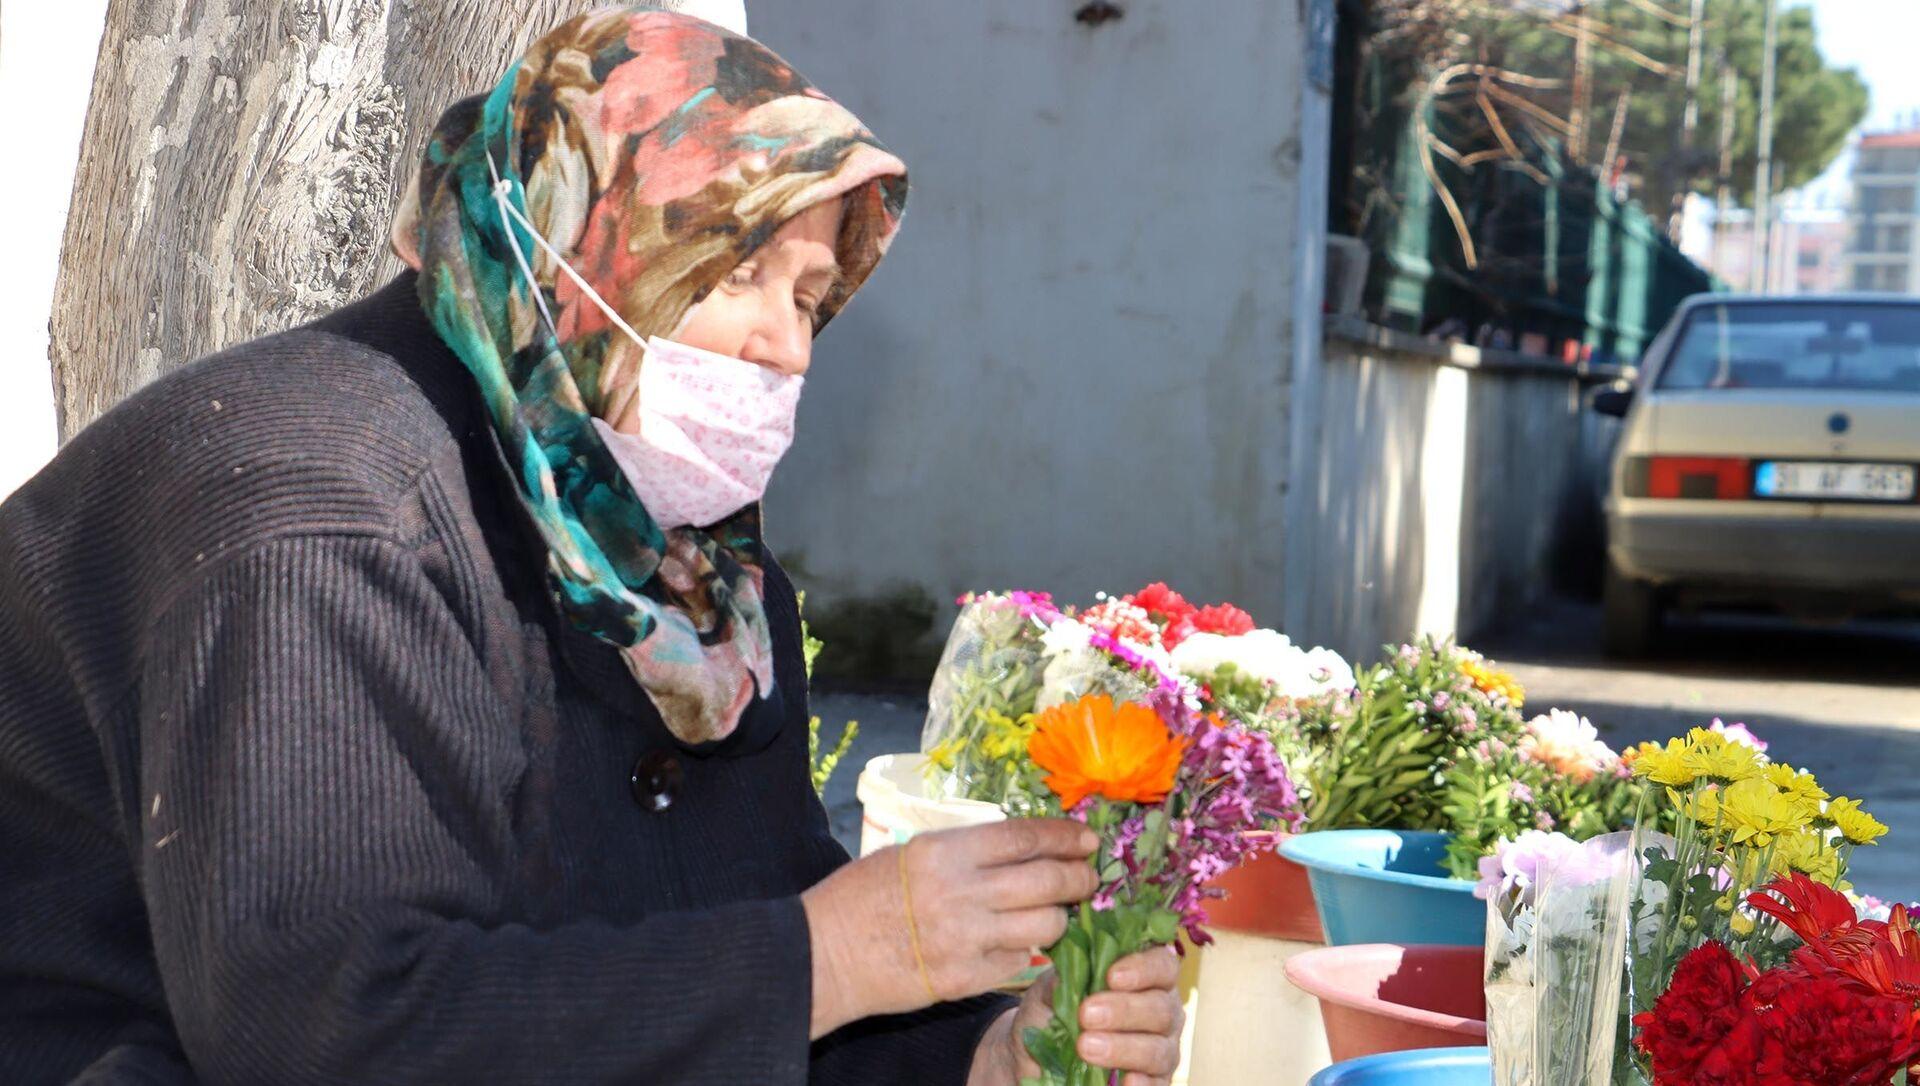 Çocuklarını çiçek satarak okutan anne  - Sputnik Türkiye, 1920, 07.03.2021